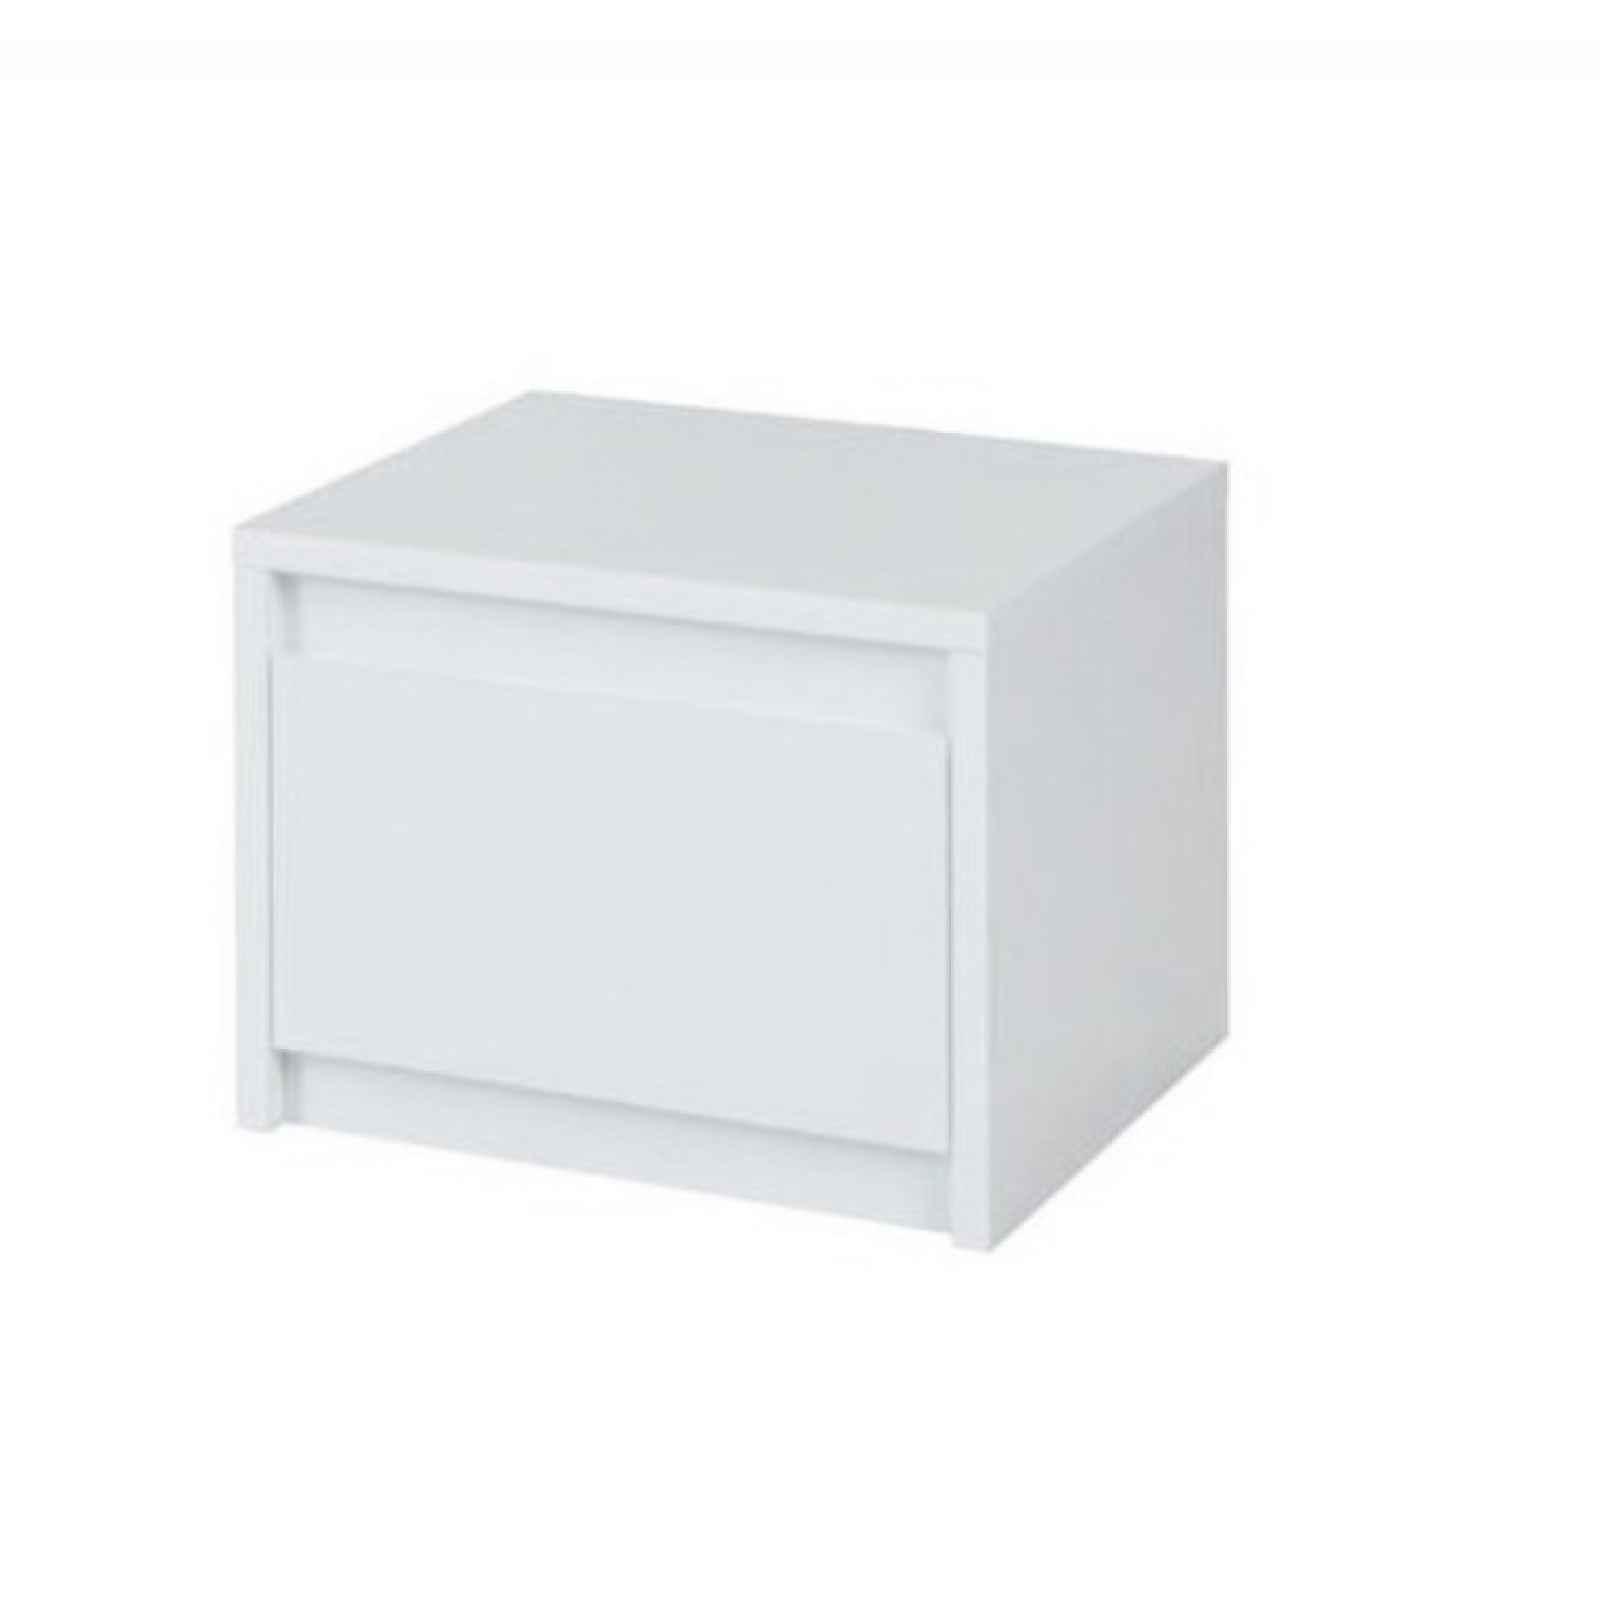 2x noční stolek, bílá / extra vysoký lesk HG, ITALIA 0000210540 Tempo Kondela